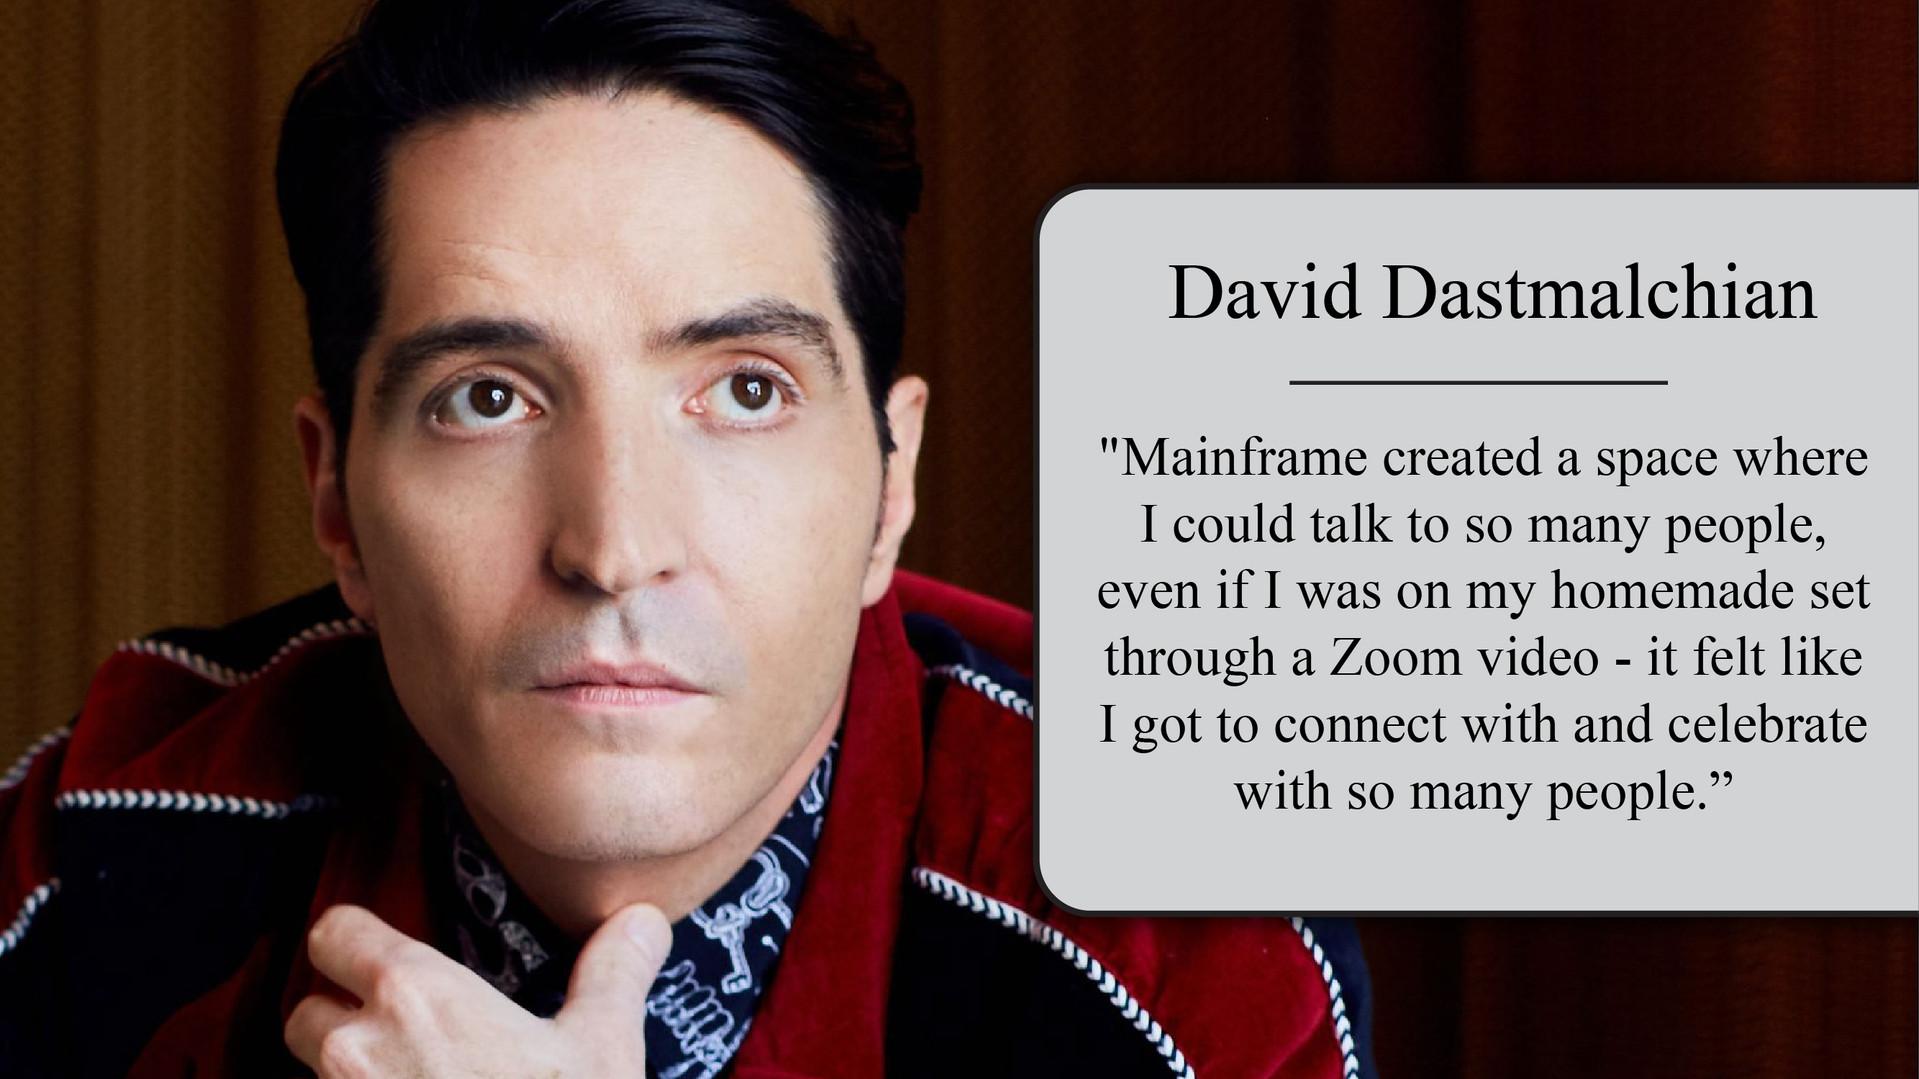 David Dastmalchian Testimonial.jpg